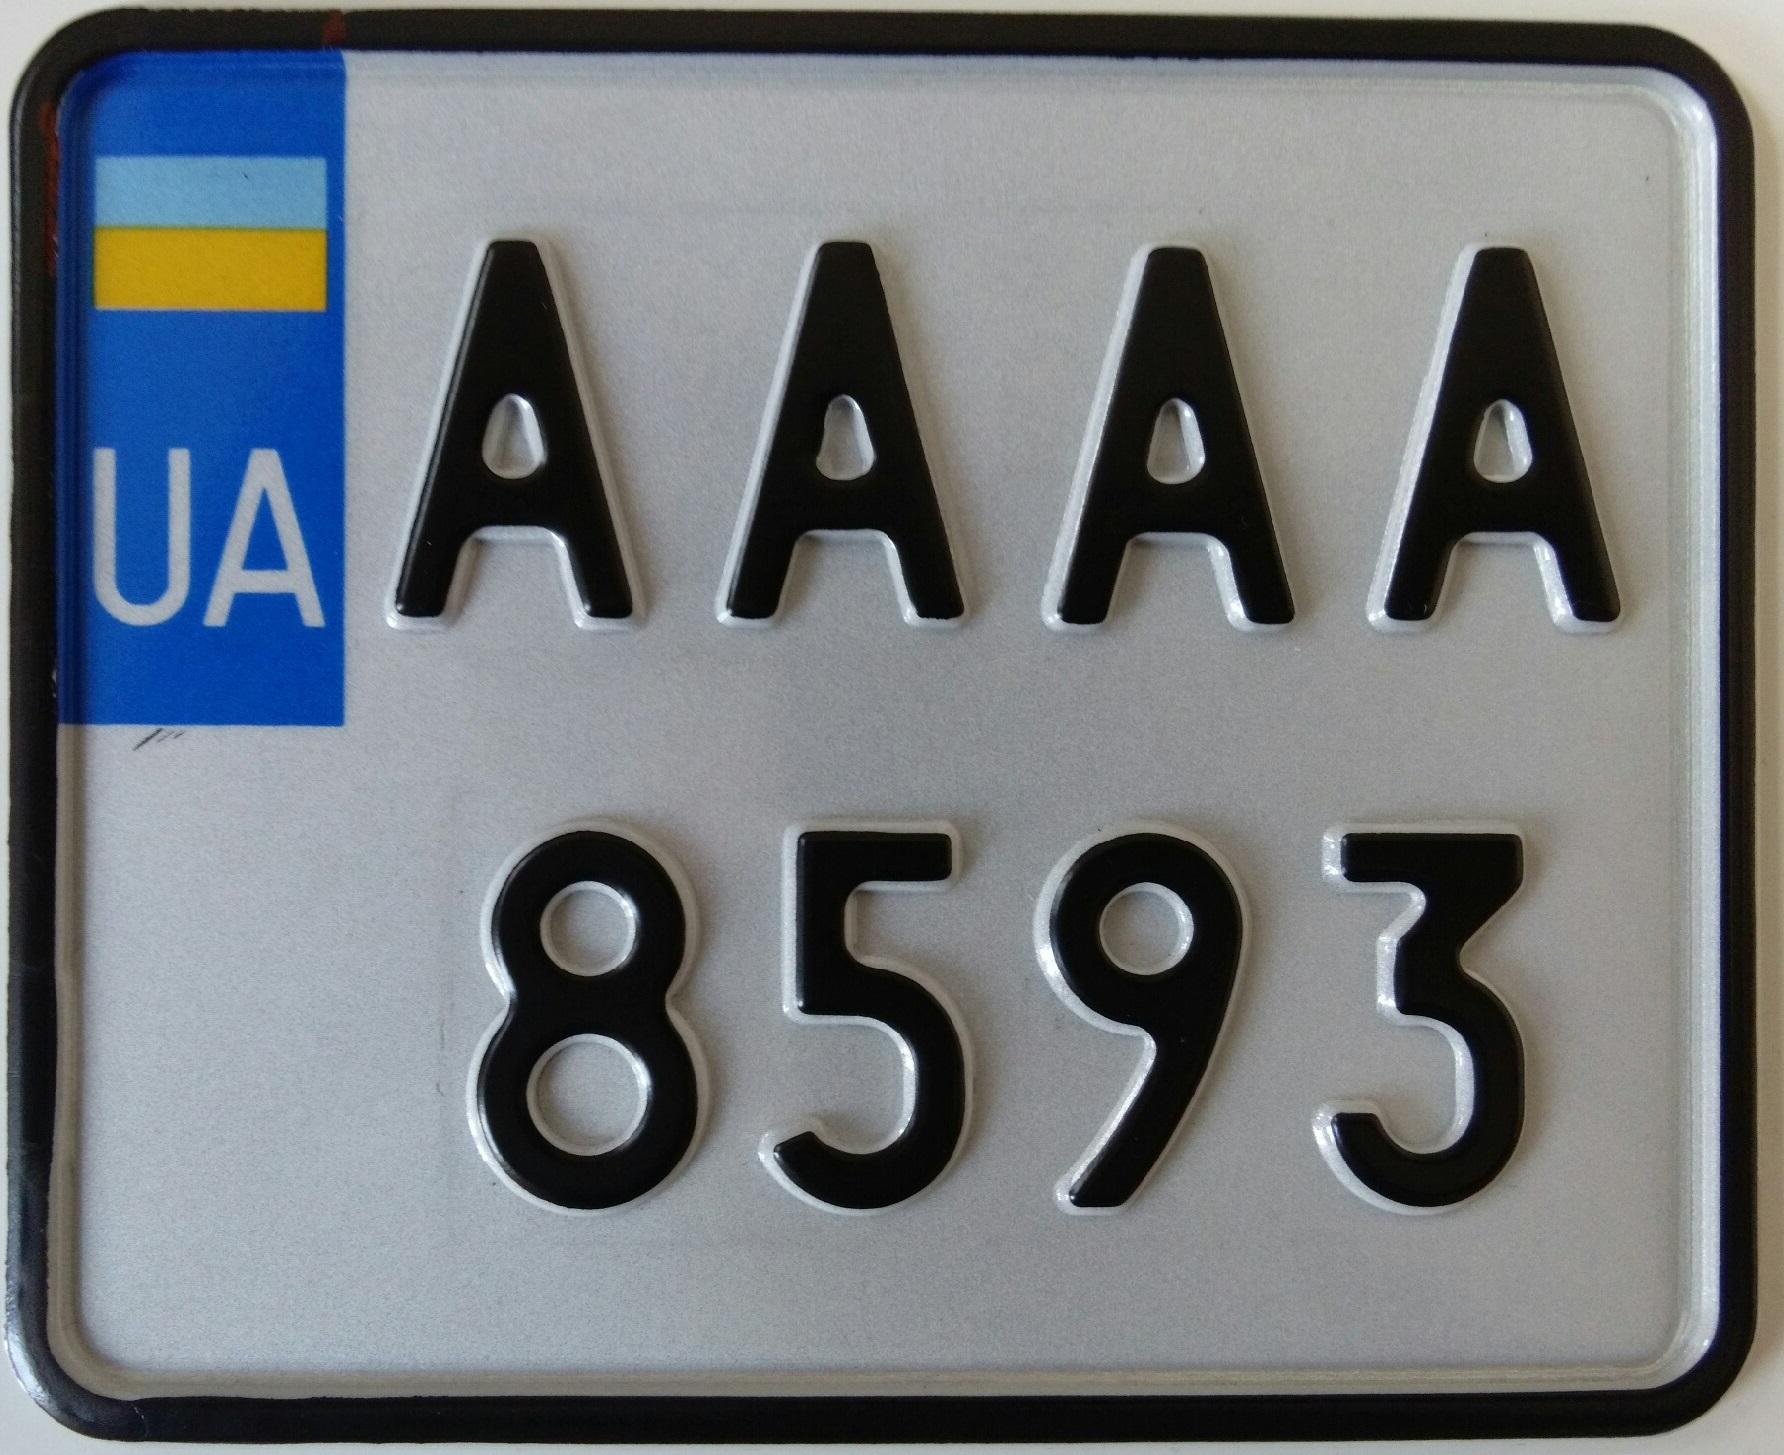 Картинка номера мотоцикла